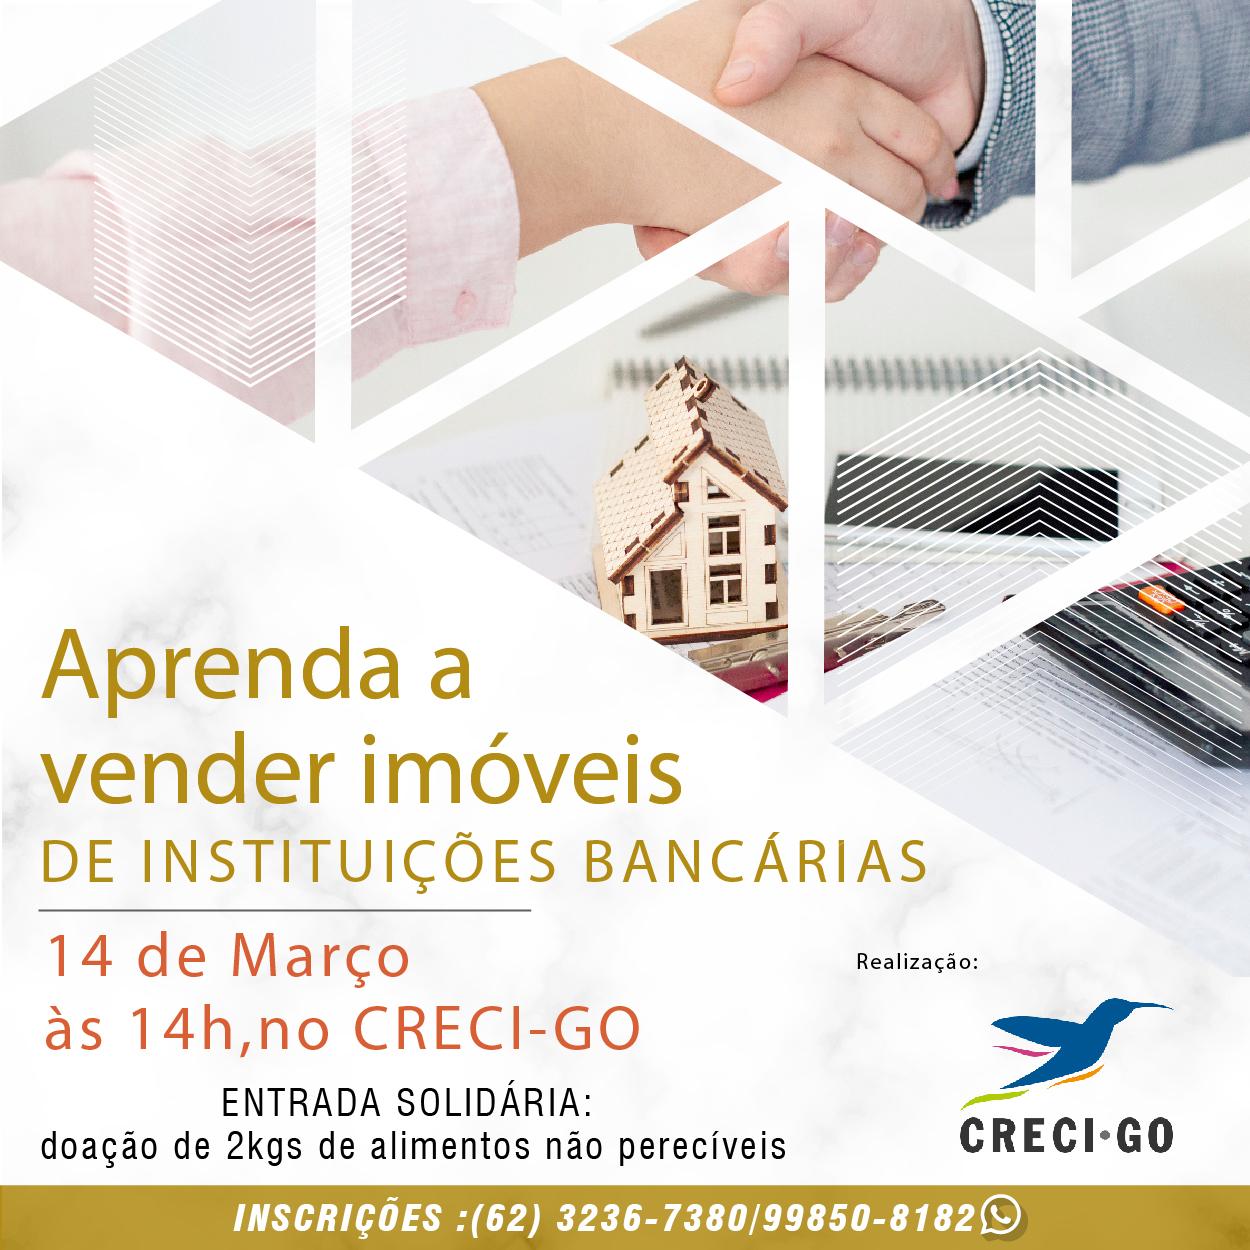 Aprenda a Vender Imóveis de Instituições Bancárias   CRECI-GO/ Conselho Regional de Corretores de Imóveis de Goiás